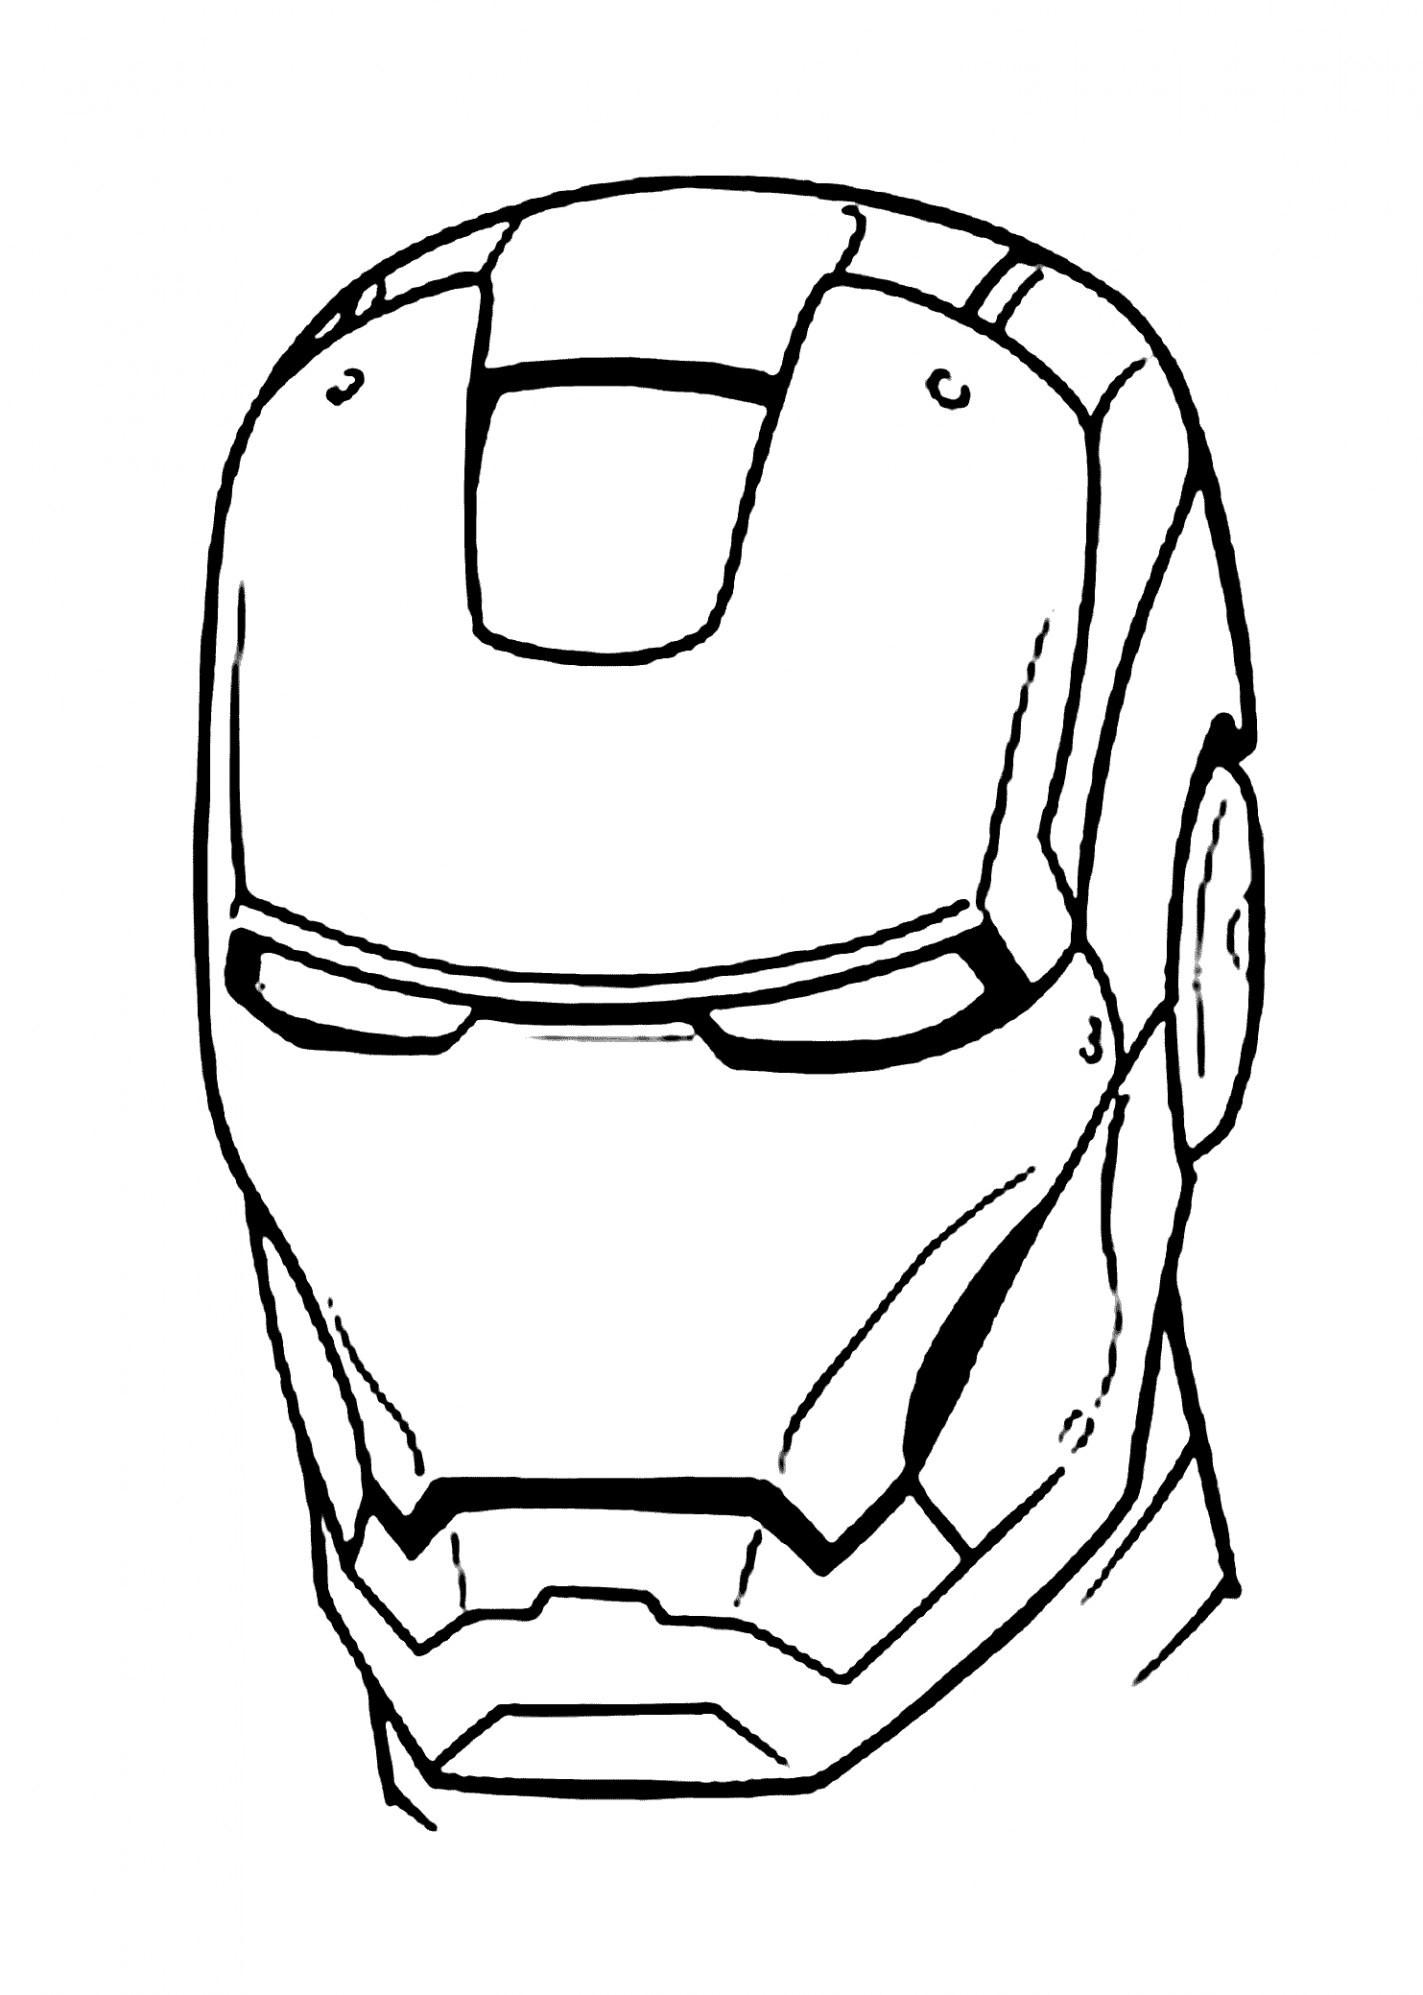 1423x1995 Cartoon Anime Boy Drawing Face Bad Images Beast Of A Carmi Chaelinn